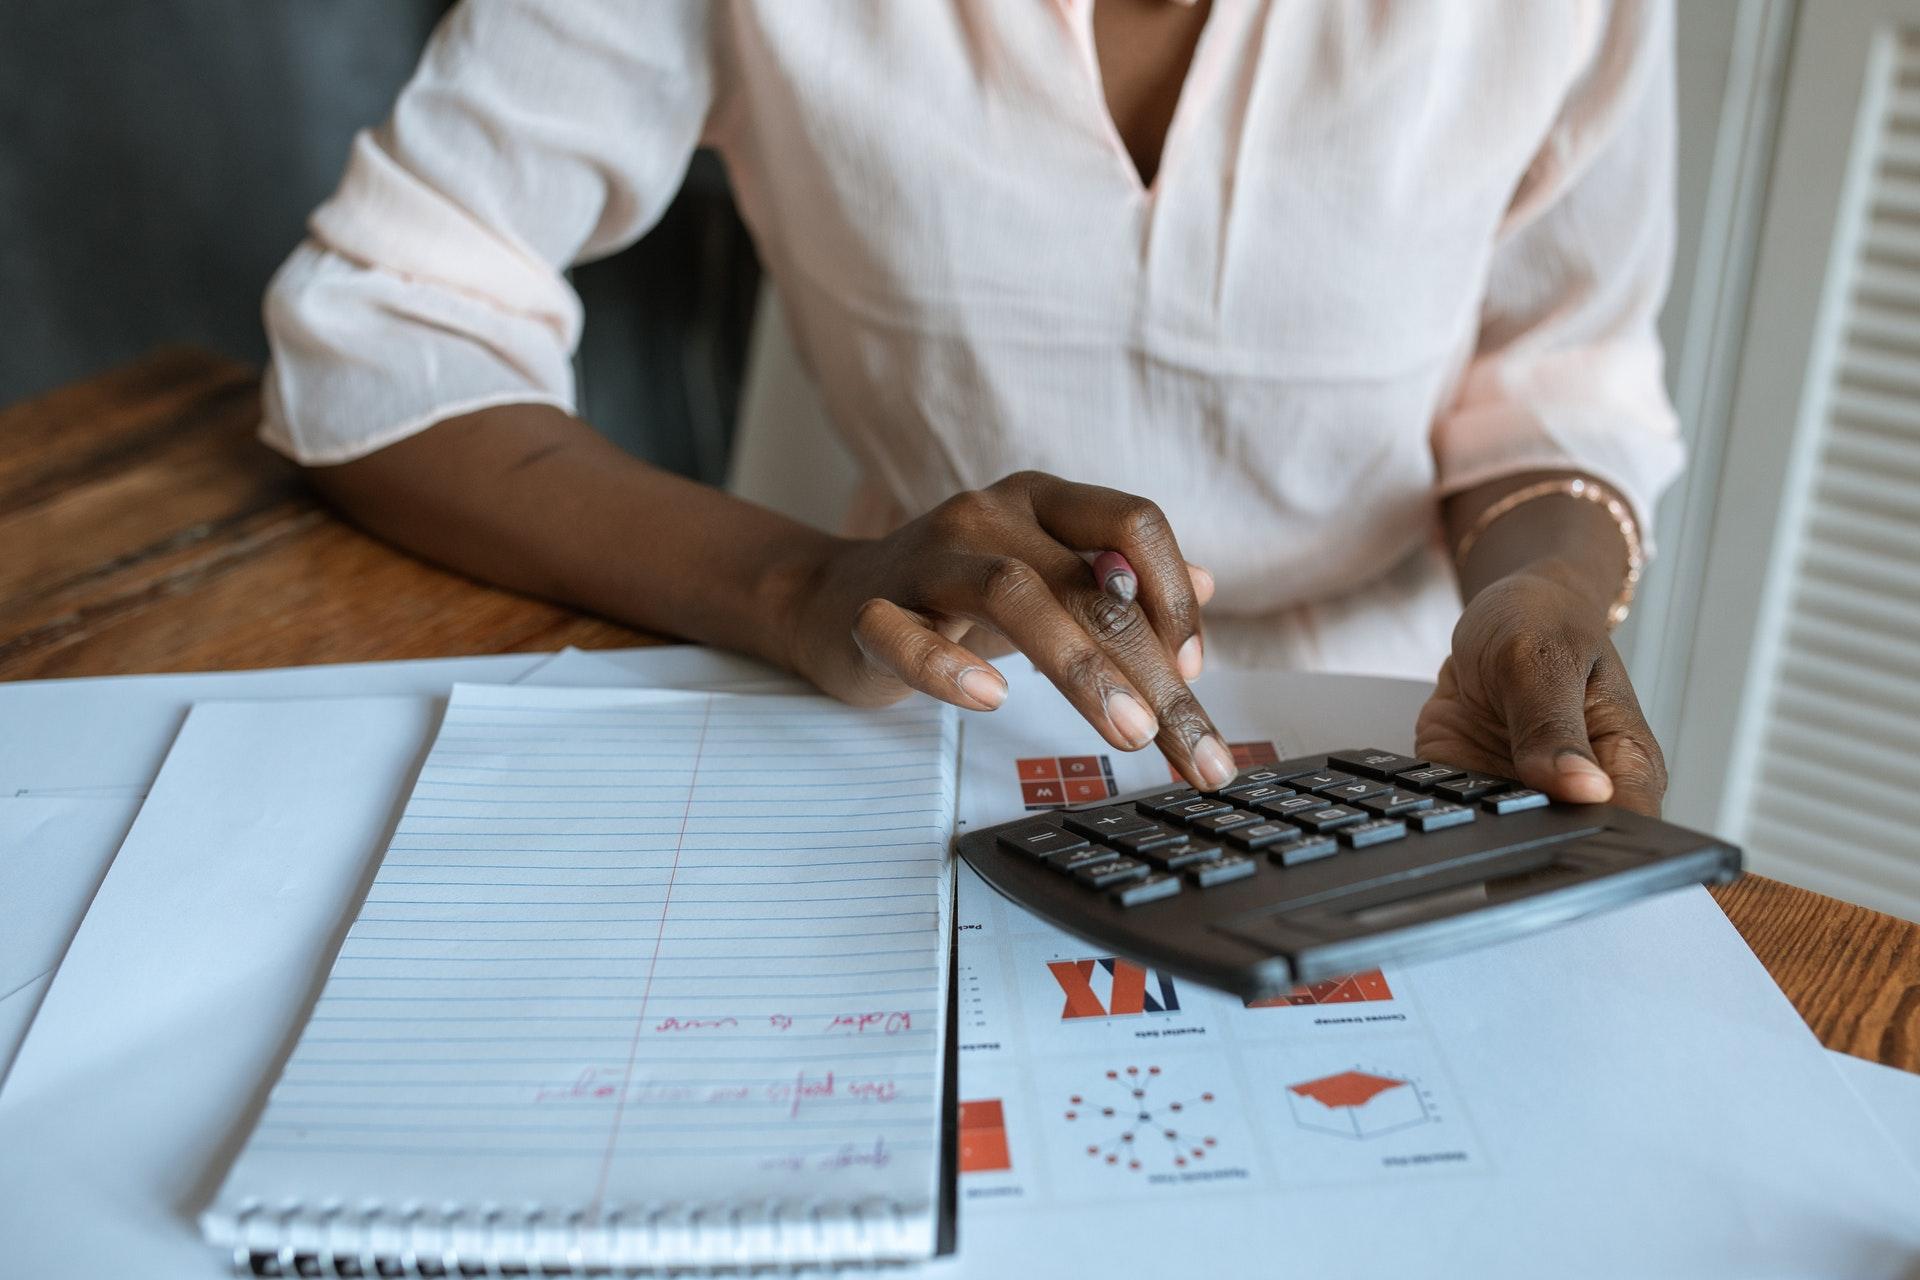 Comment calculer sa capacité d'emprunt immobilier ?